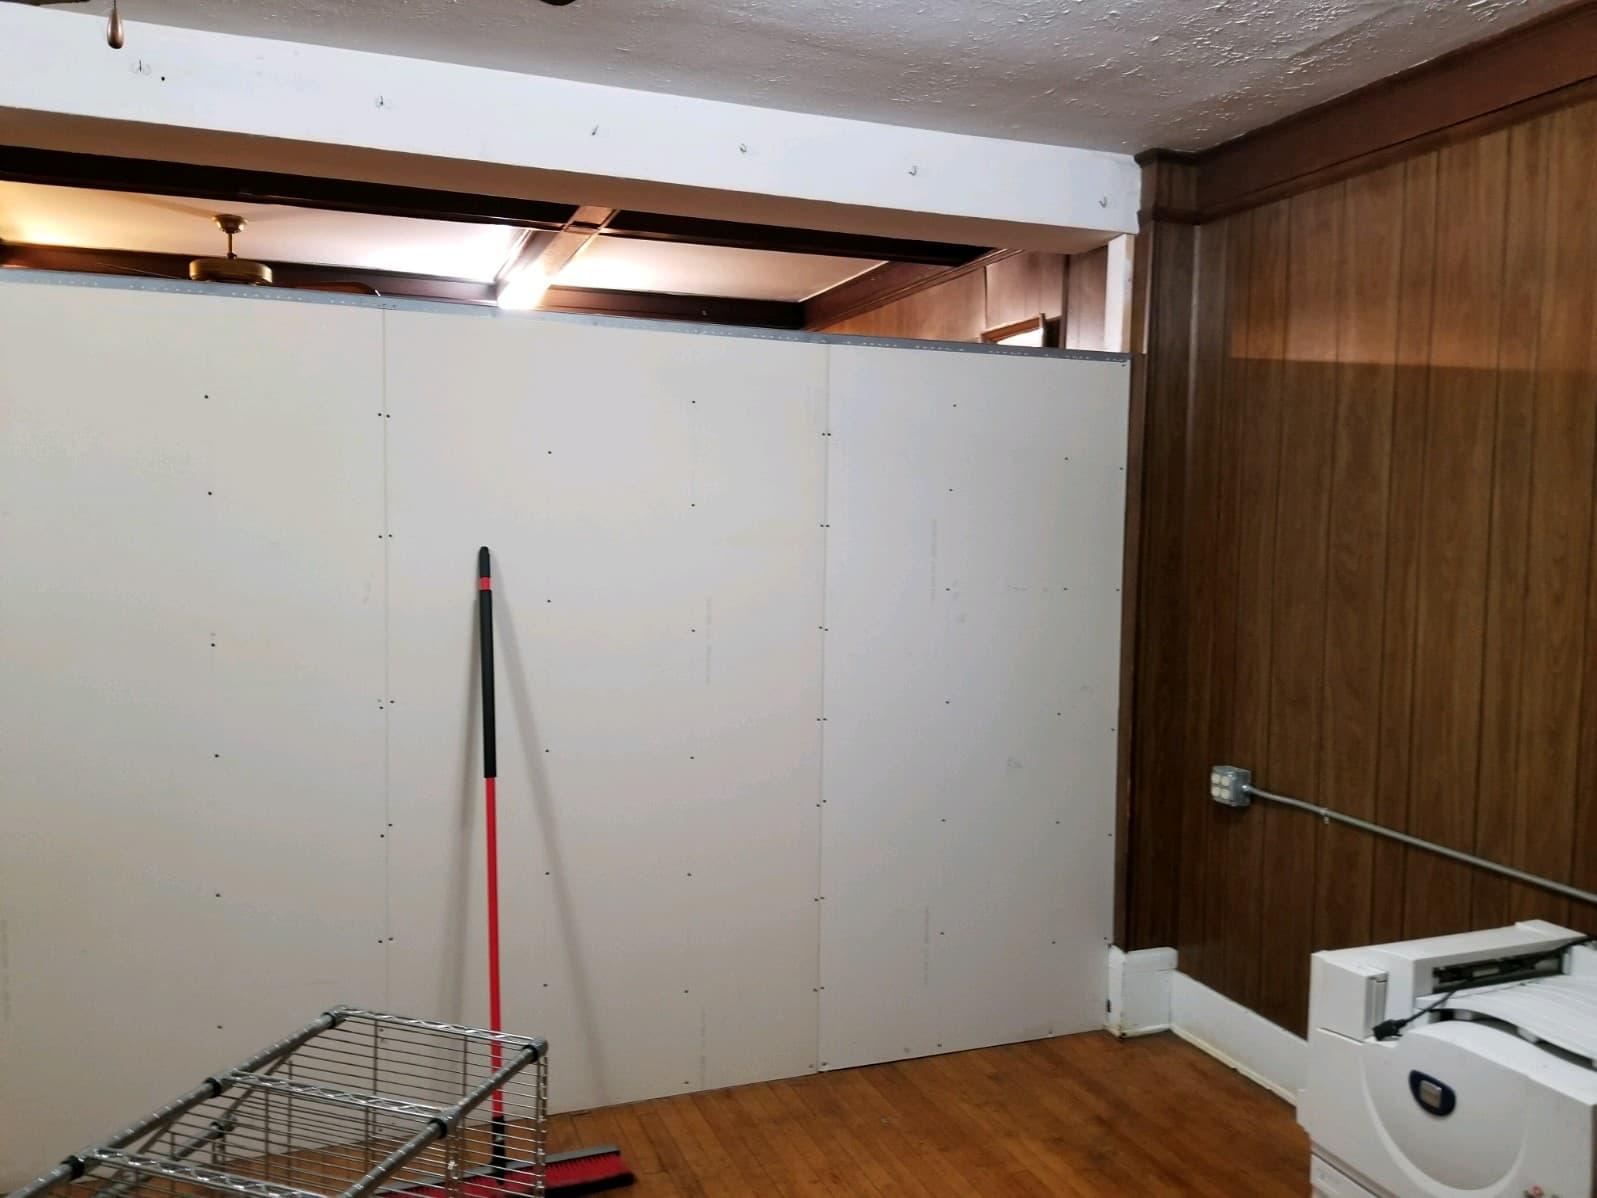 Partial Drywall Wall